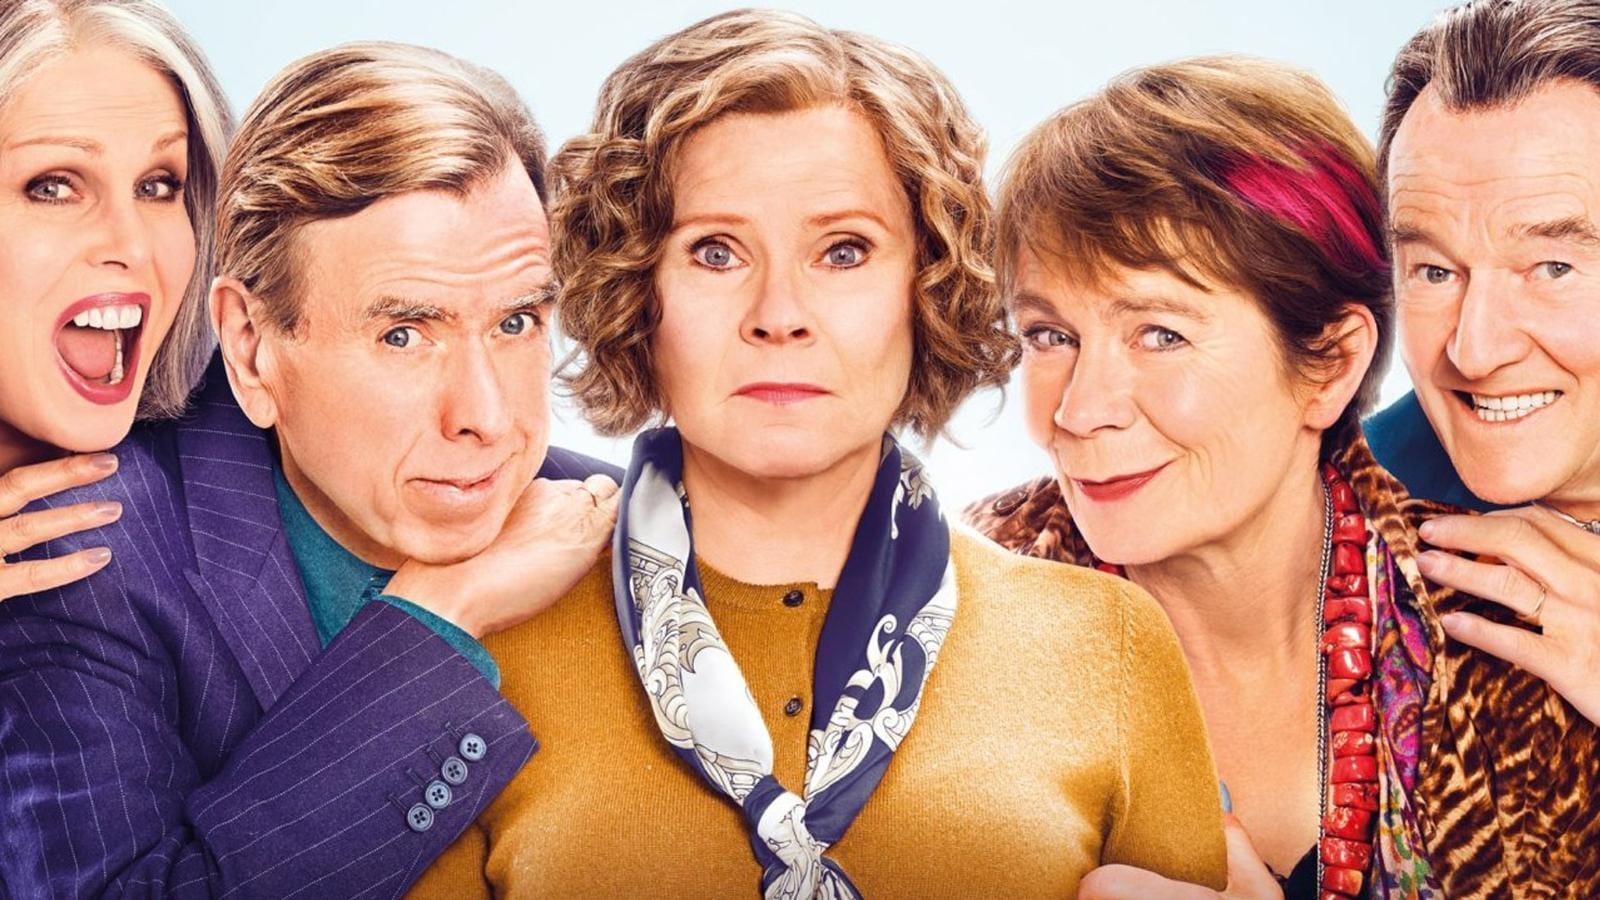 'Ricomincio da noi', qualche curiosità sul film con Imelda Staunton